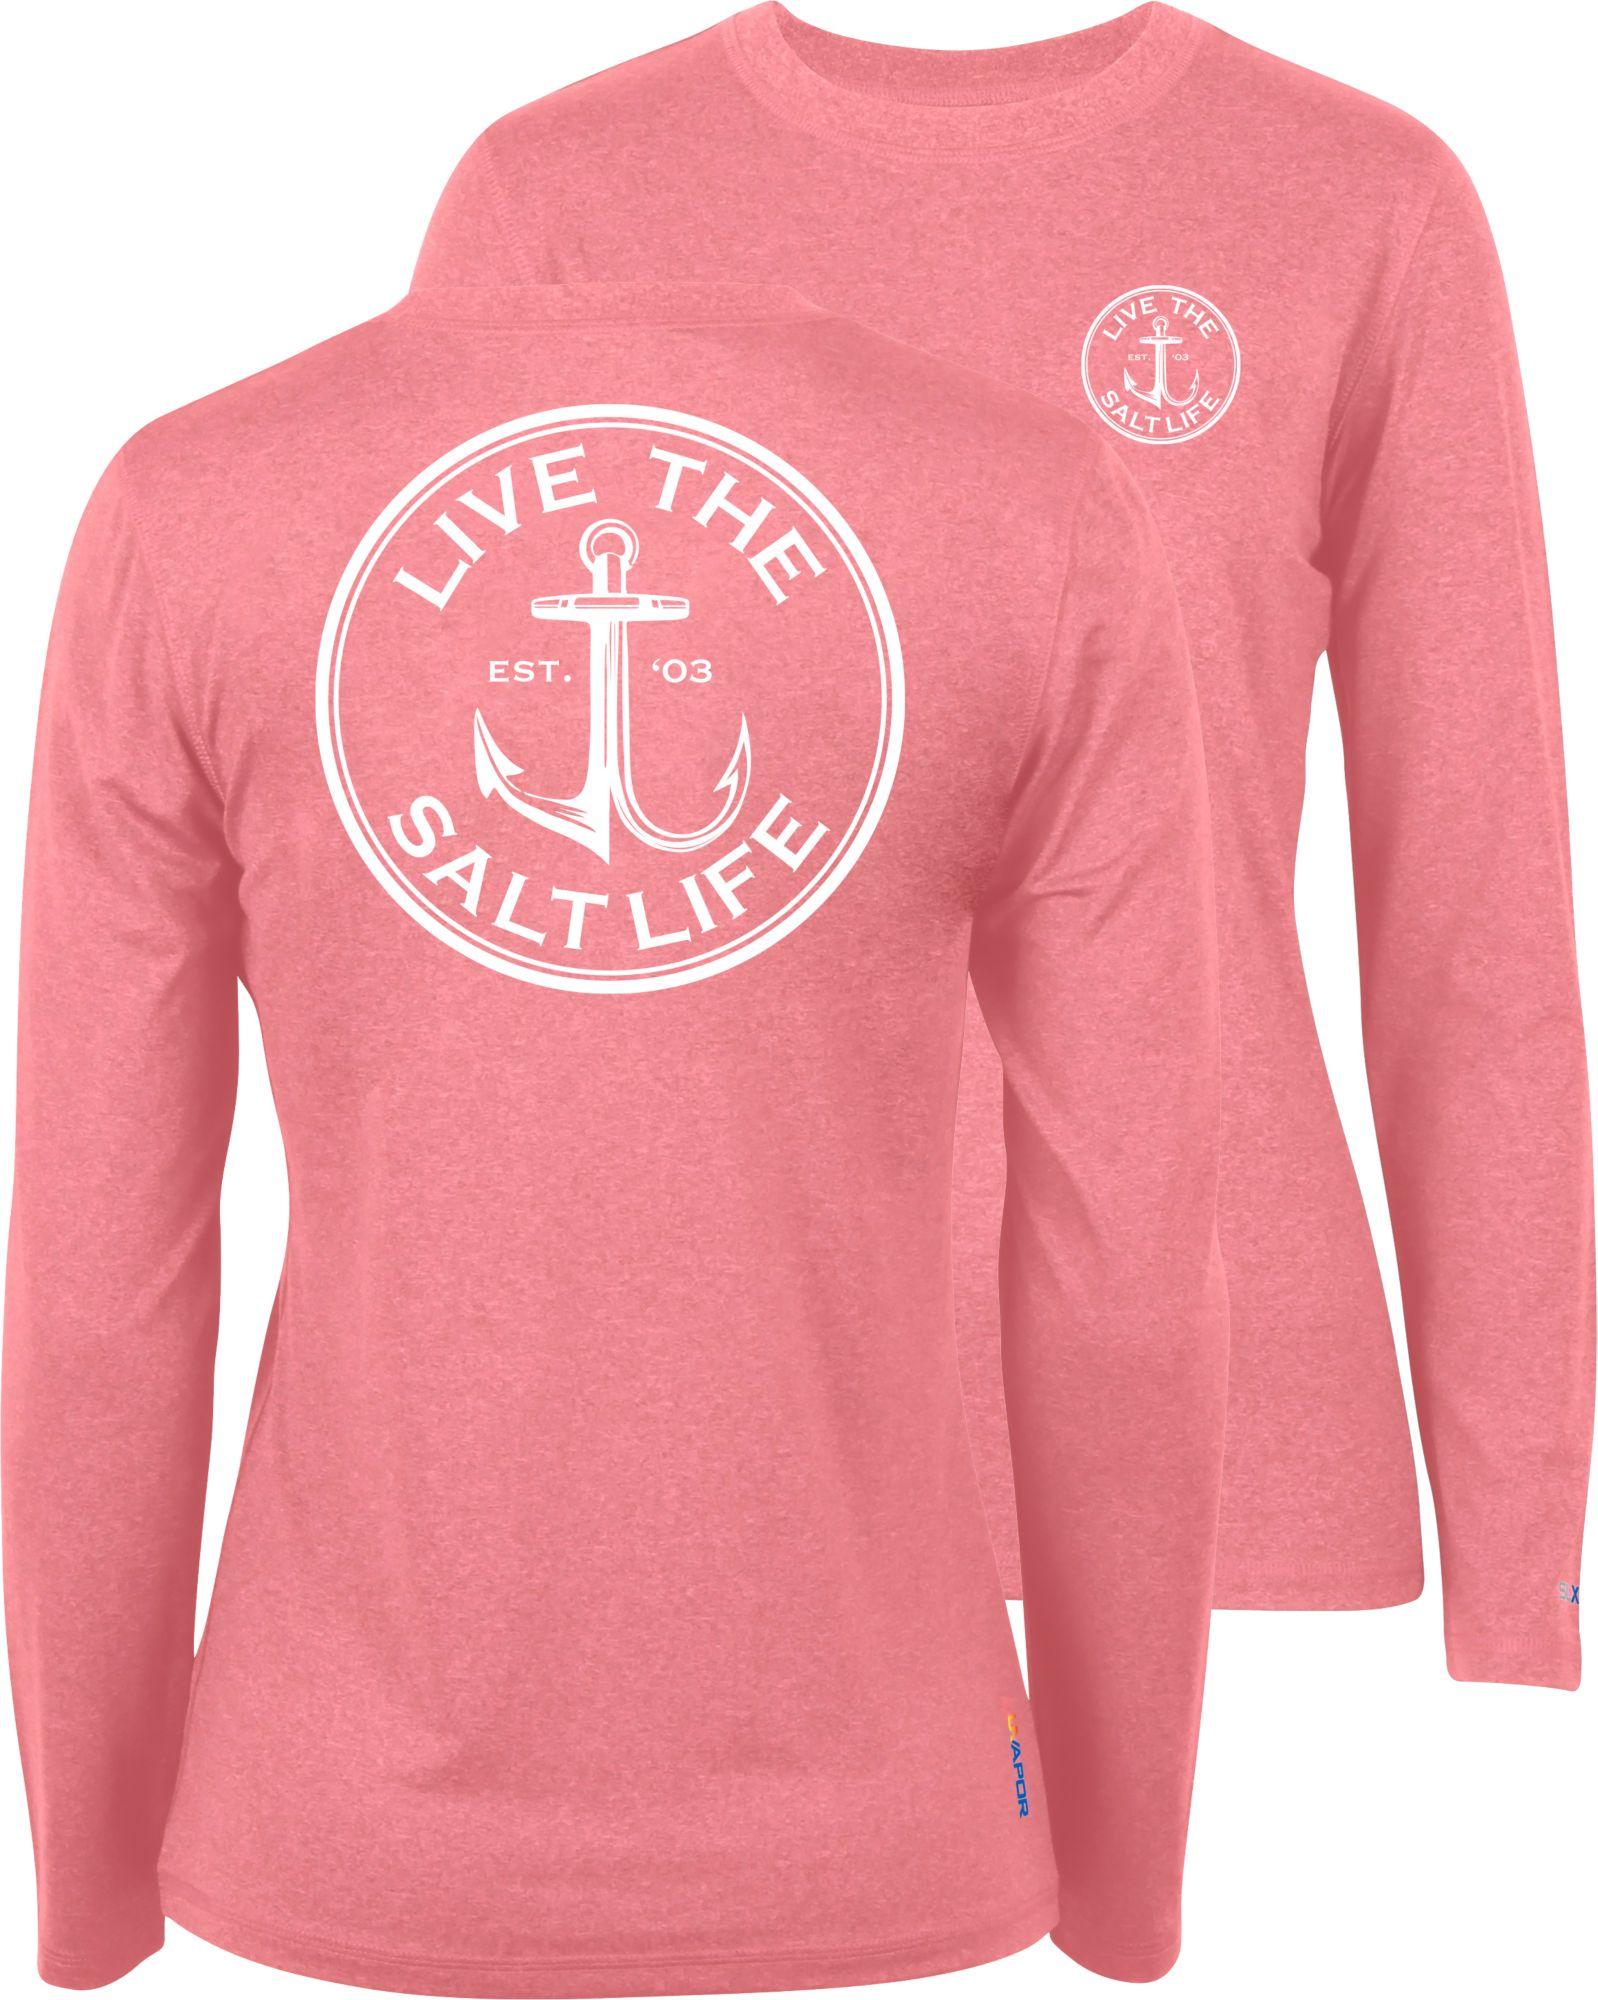 Pink long sleeve shirt womens custom shirt for Women s fishing t shirts